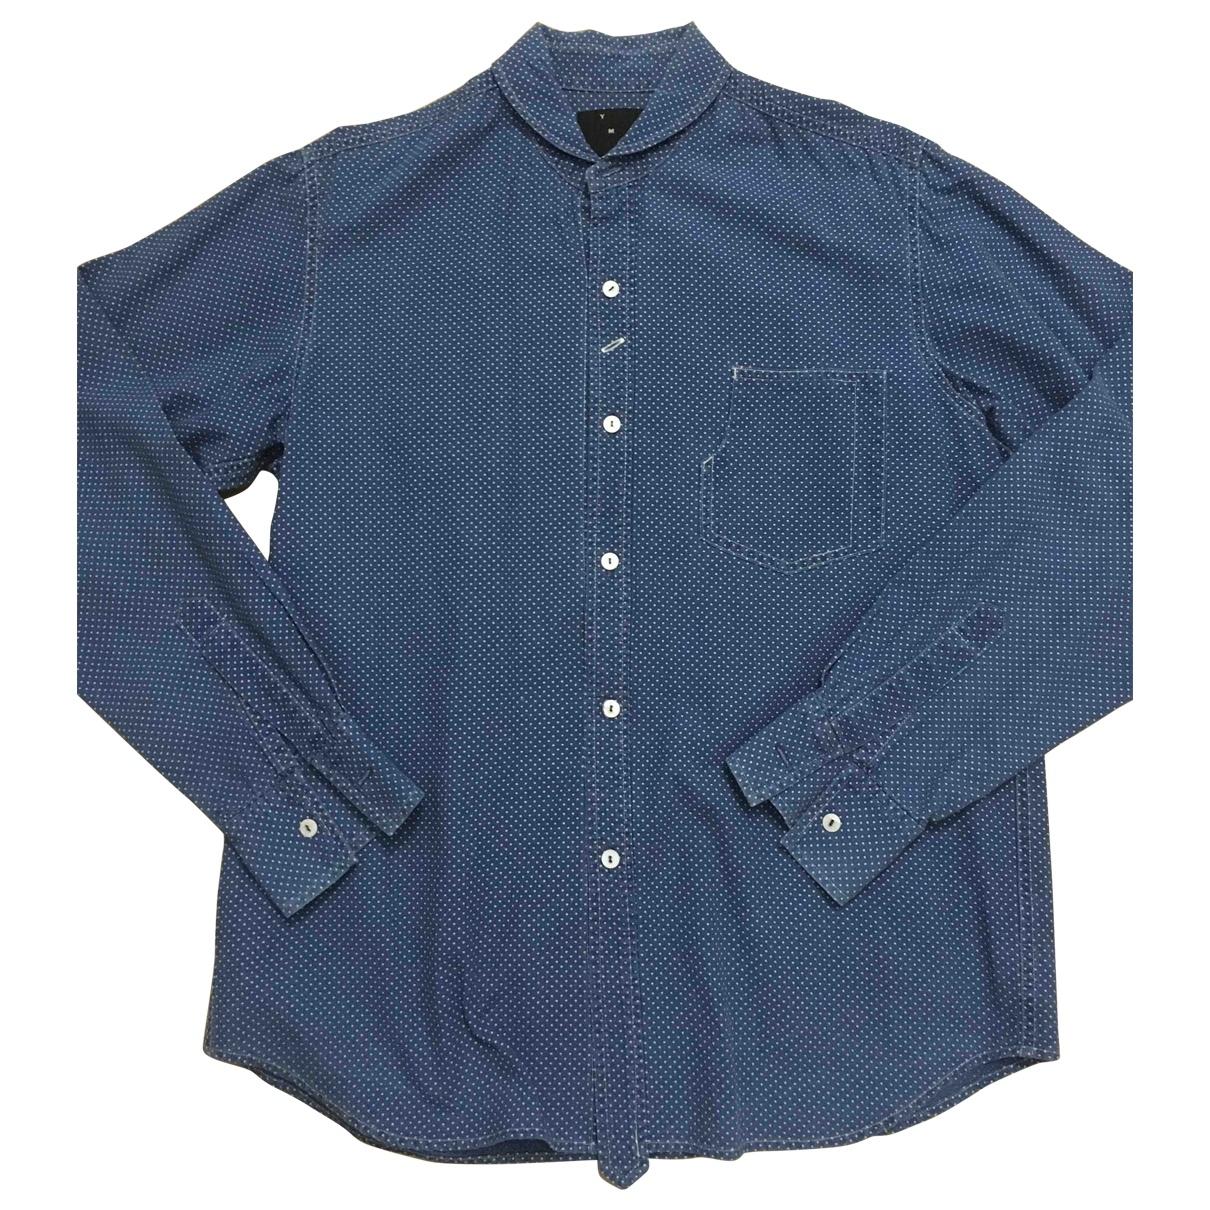 Ymc - Chemises   pour homme en coton - bleu